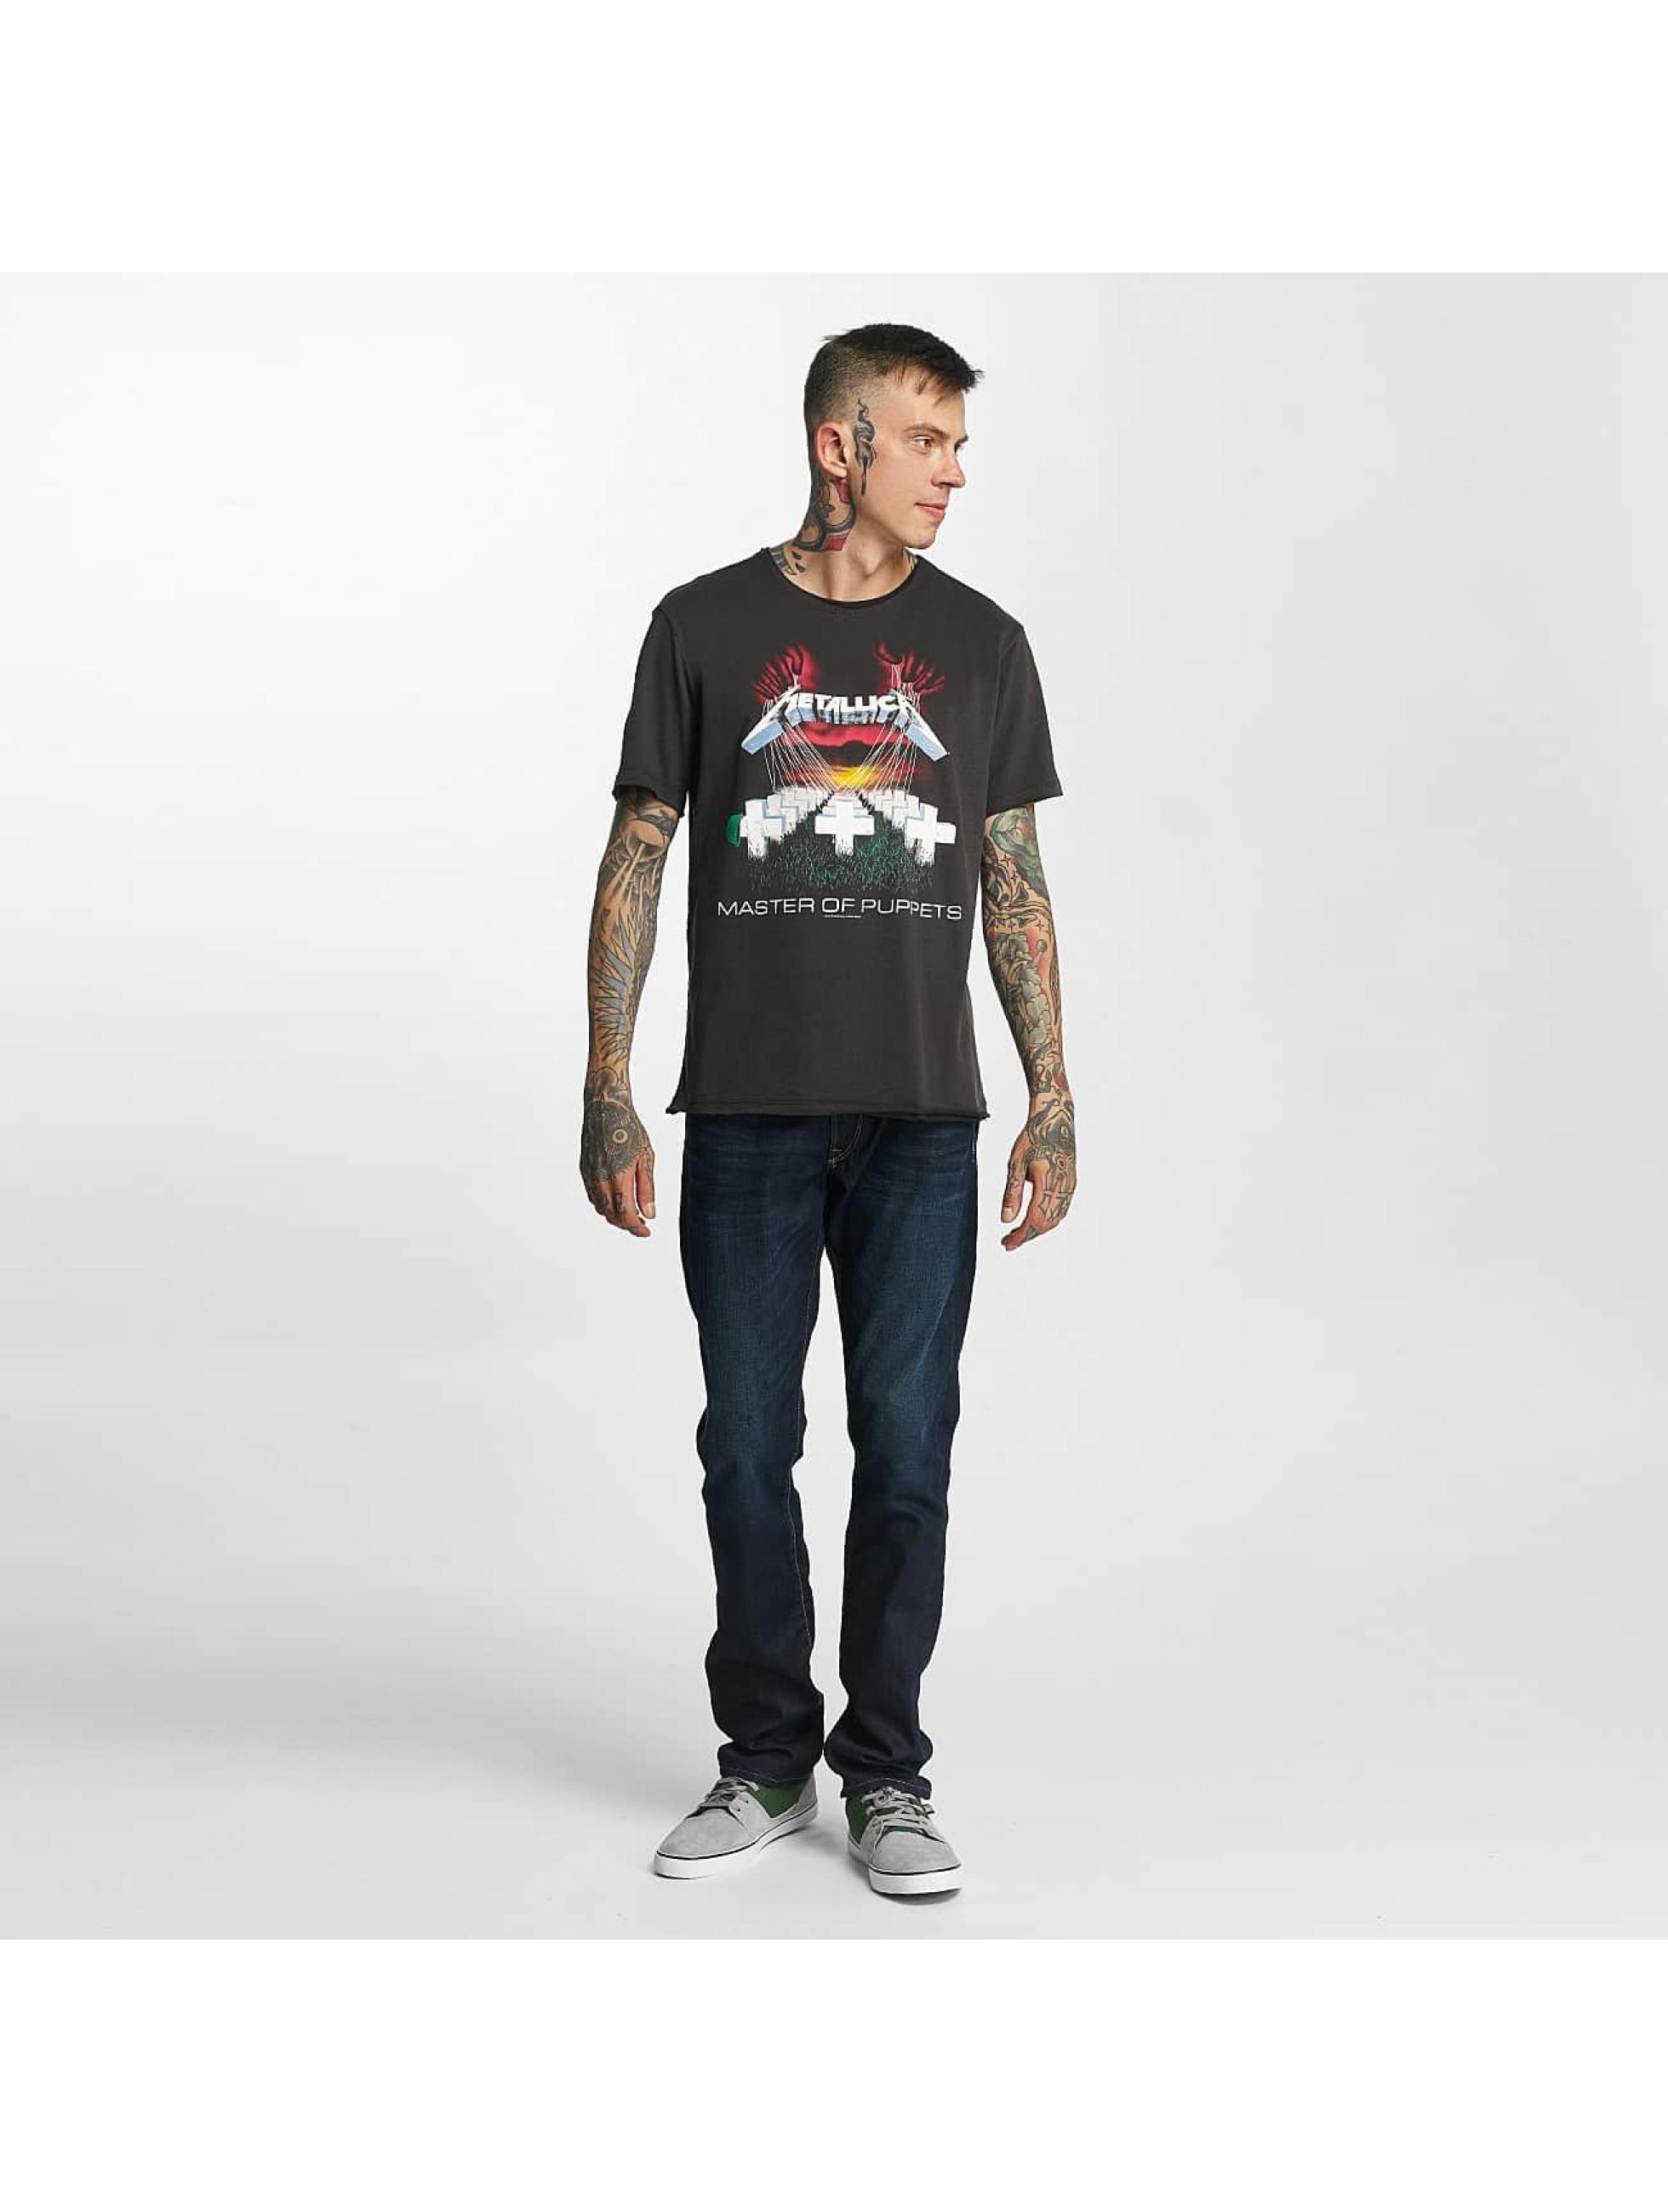 Amplified T-Shirt Metallica MOP gray